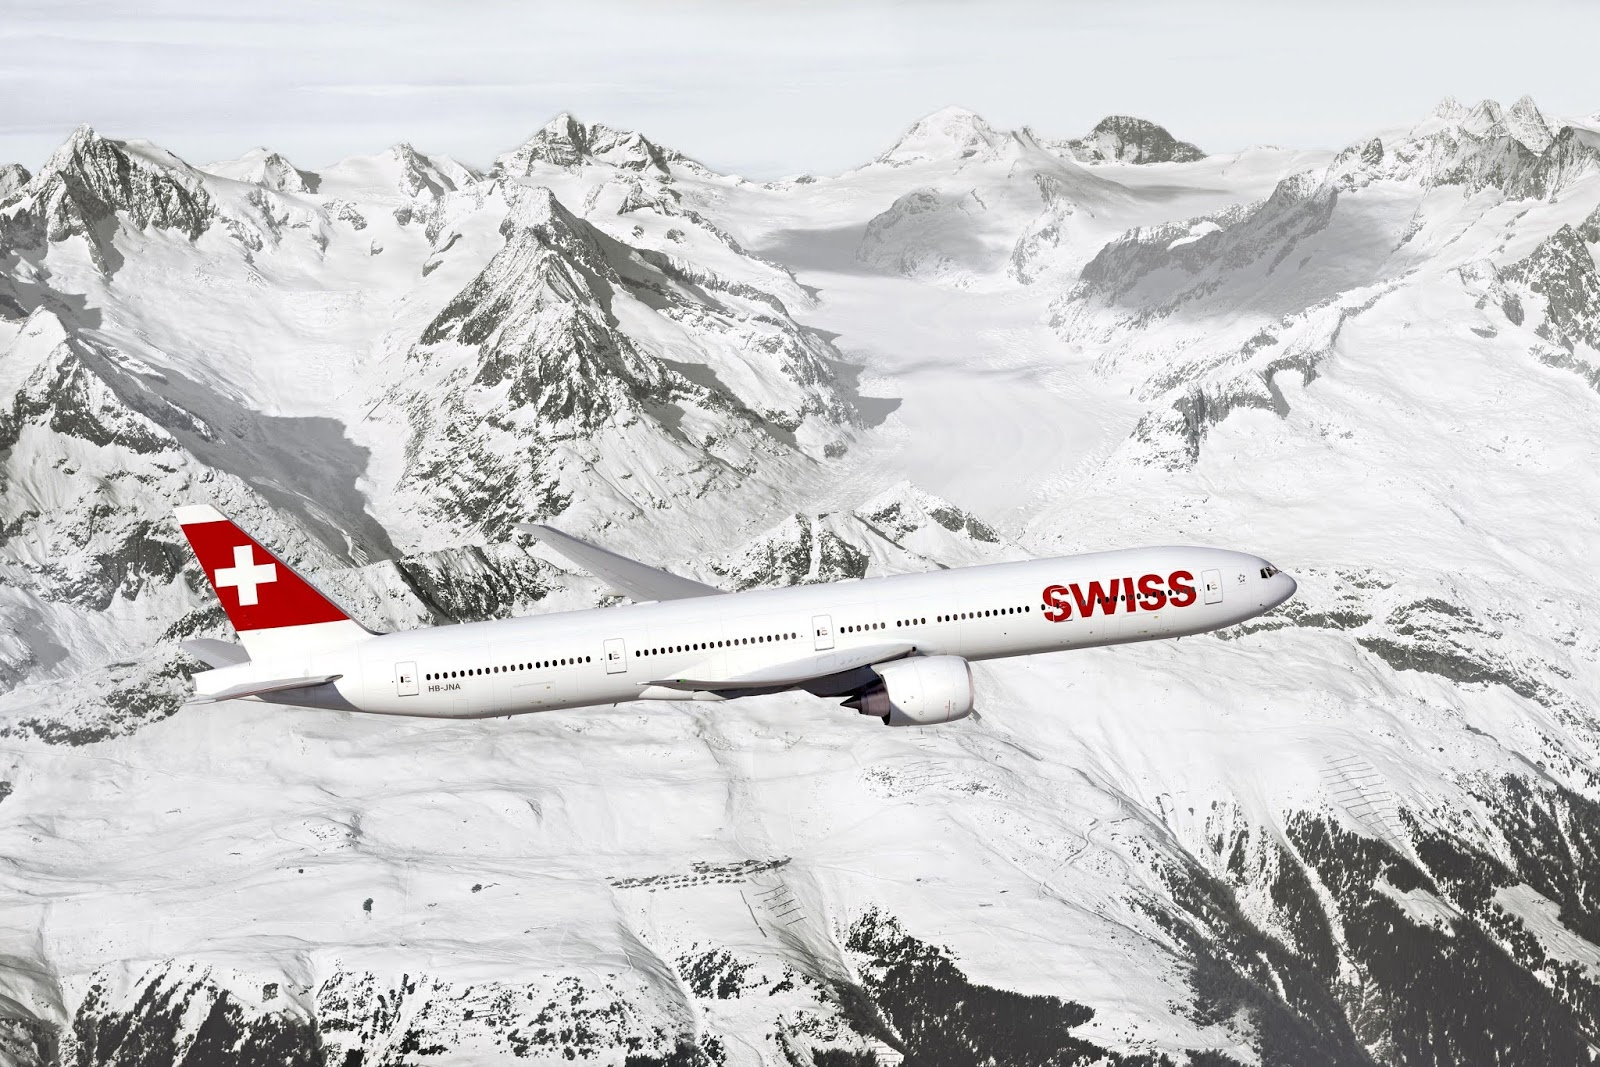 Boeing 777 Wallpapers Swiss, Boeing, Boeing 777,